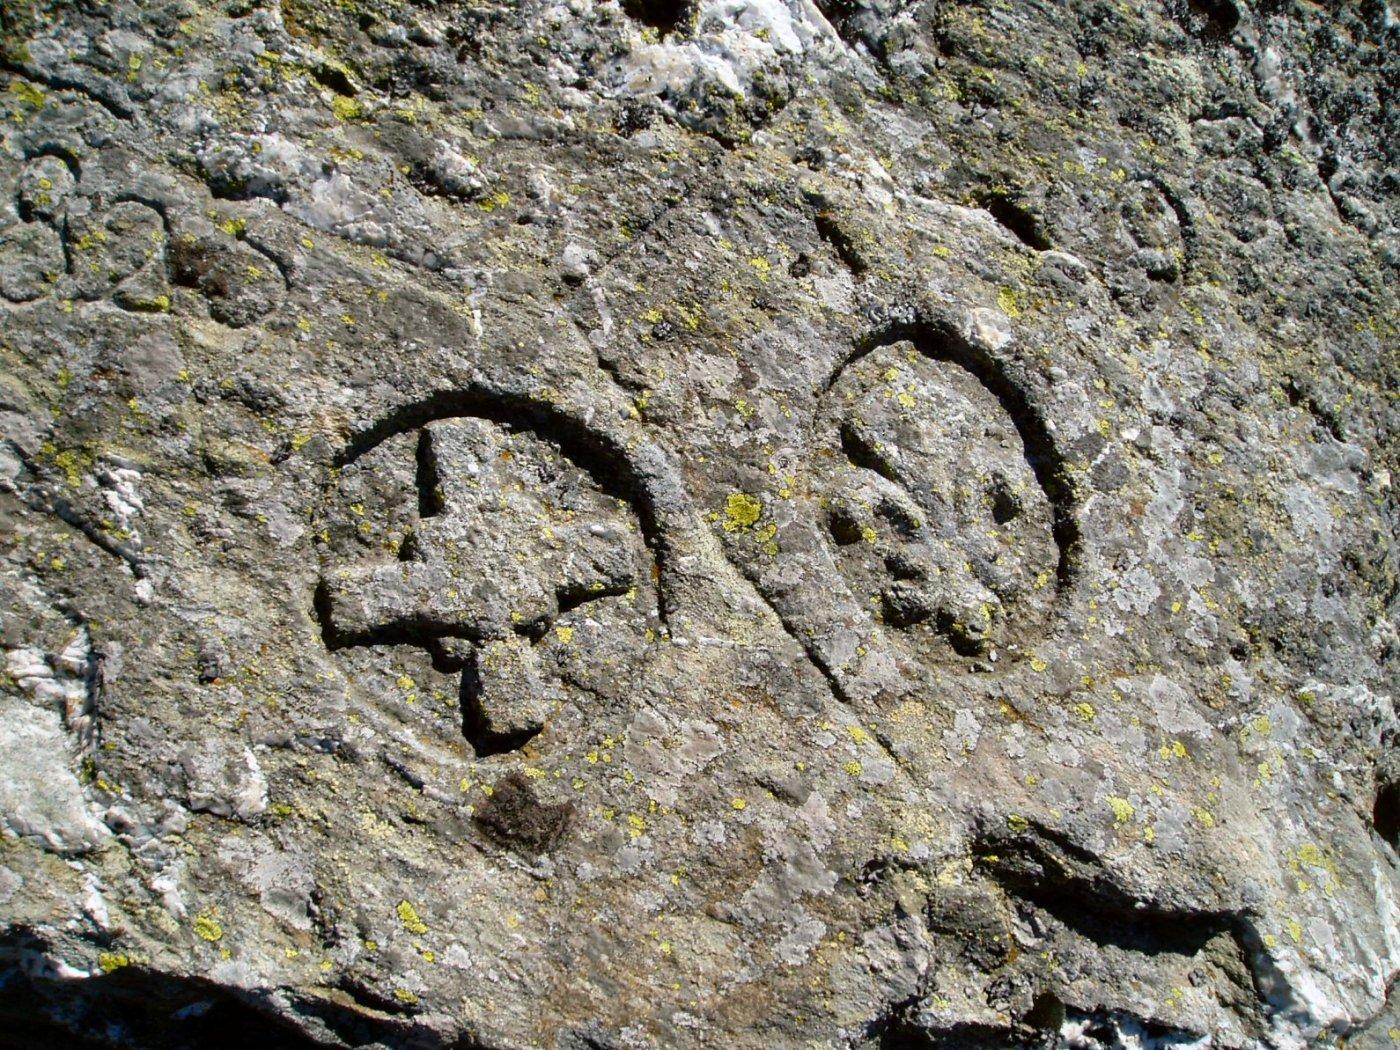 Croce di Savoia e Giglio di Francia a segnare il confine prima dell'ultimo conflitto